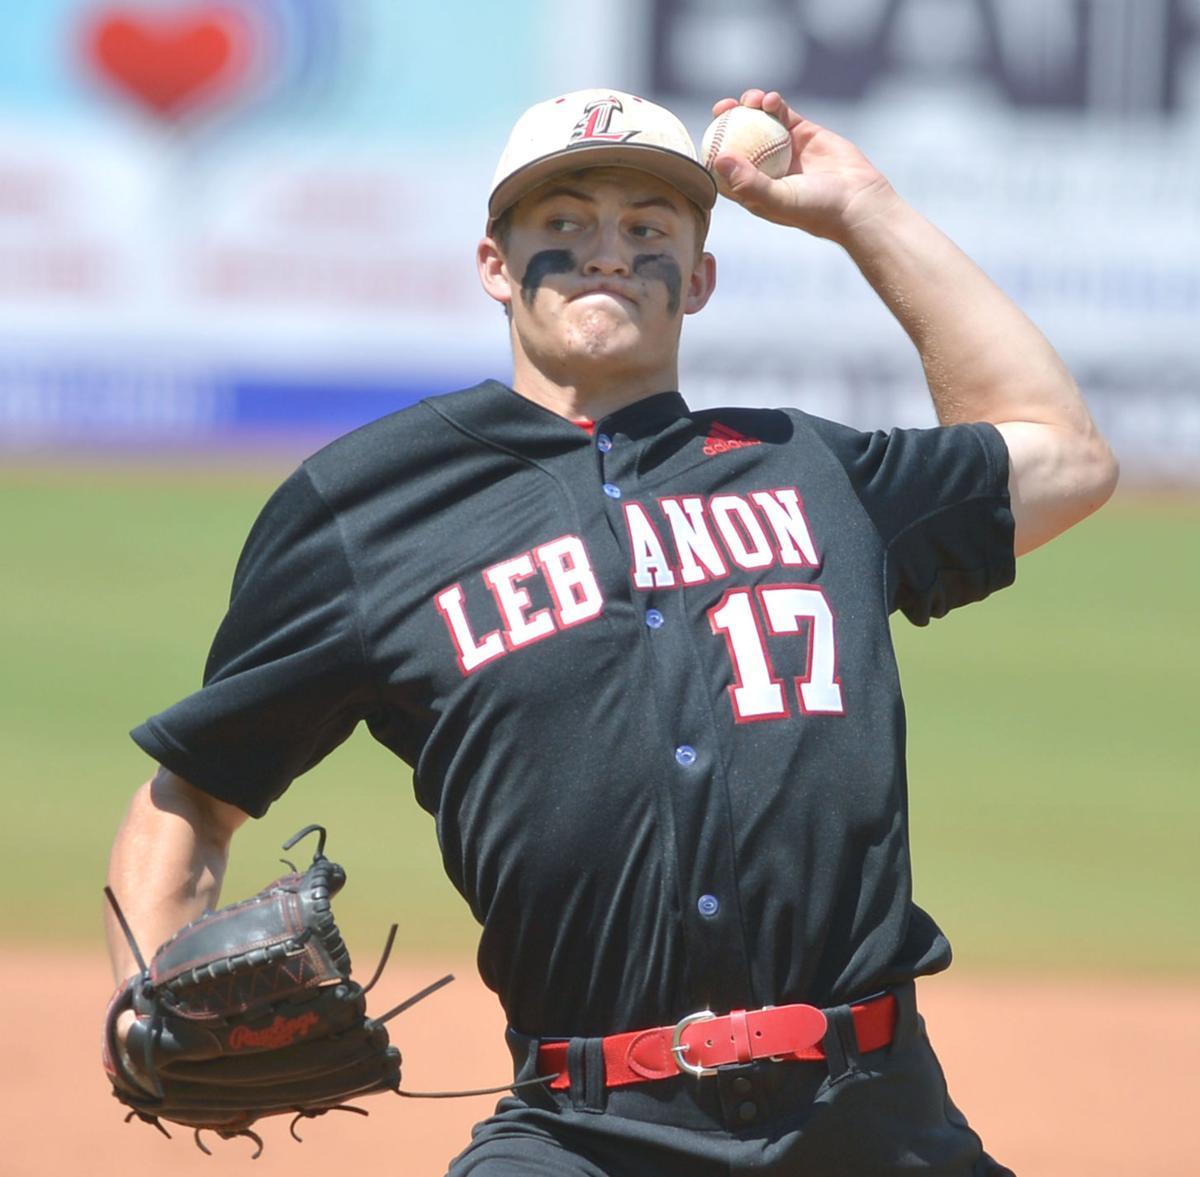 Page County vs Lebanon Baseball